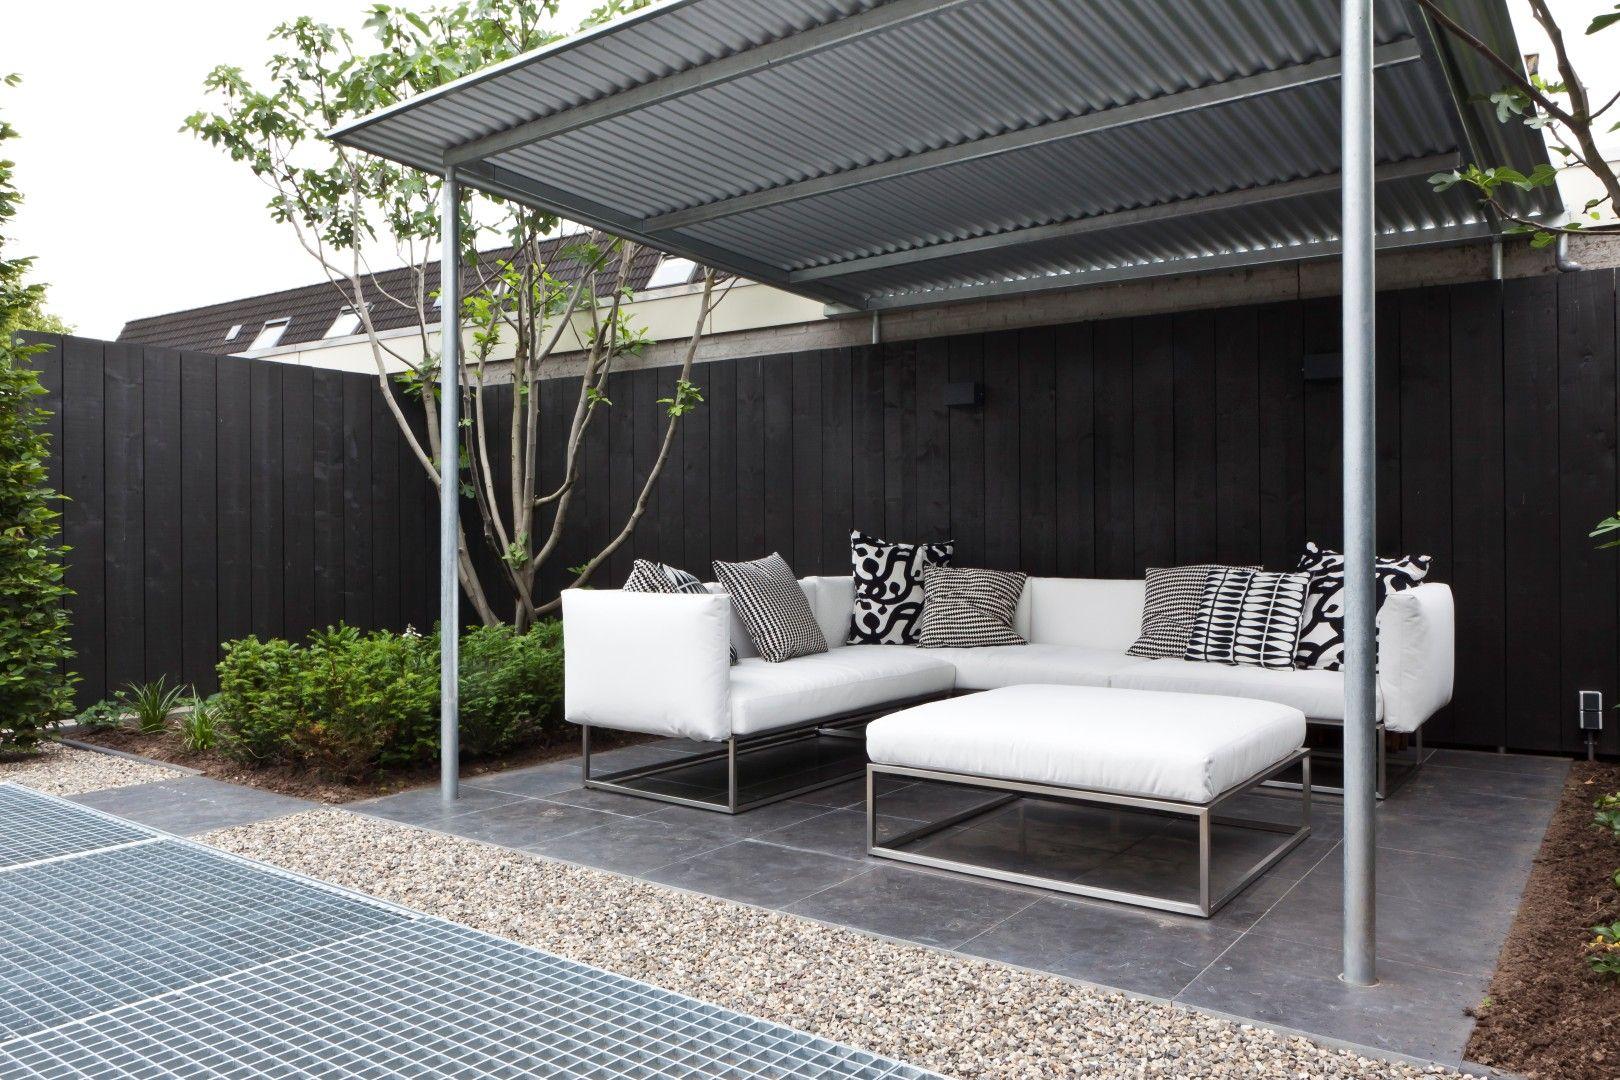 Overkapping - Lounge set buiten - Buiten tafelen - Moderne tuin ...